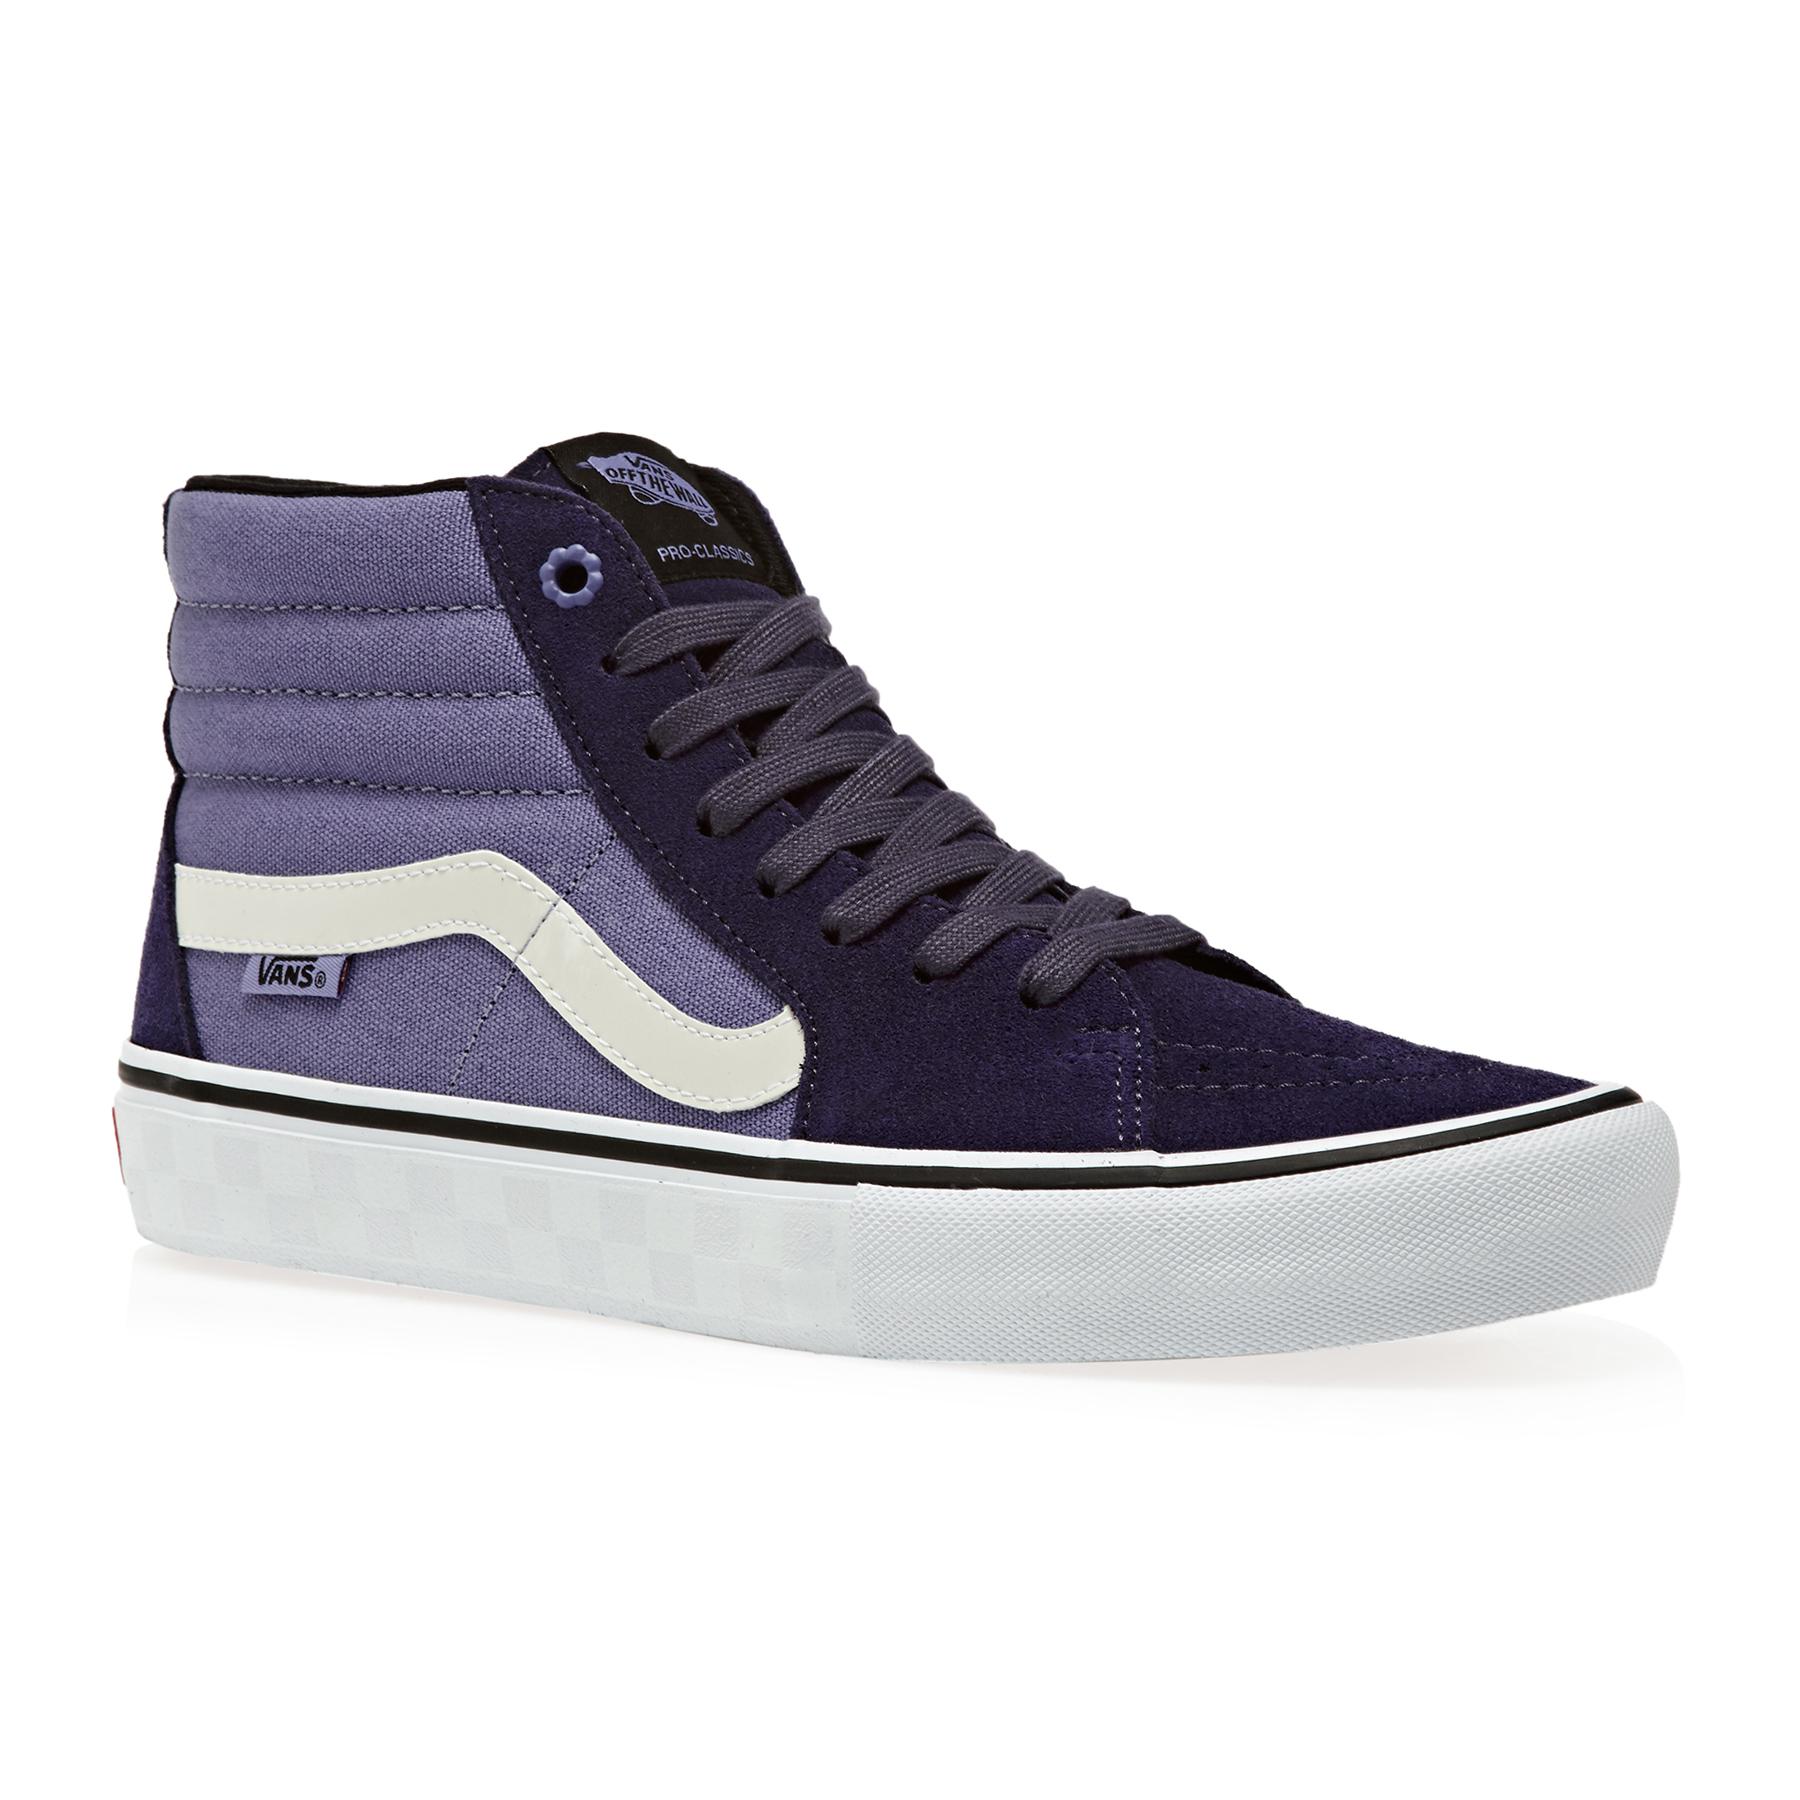 Vans Sk8-Hi Pro Shoes - Free Delivery